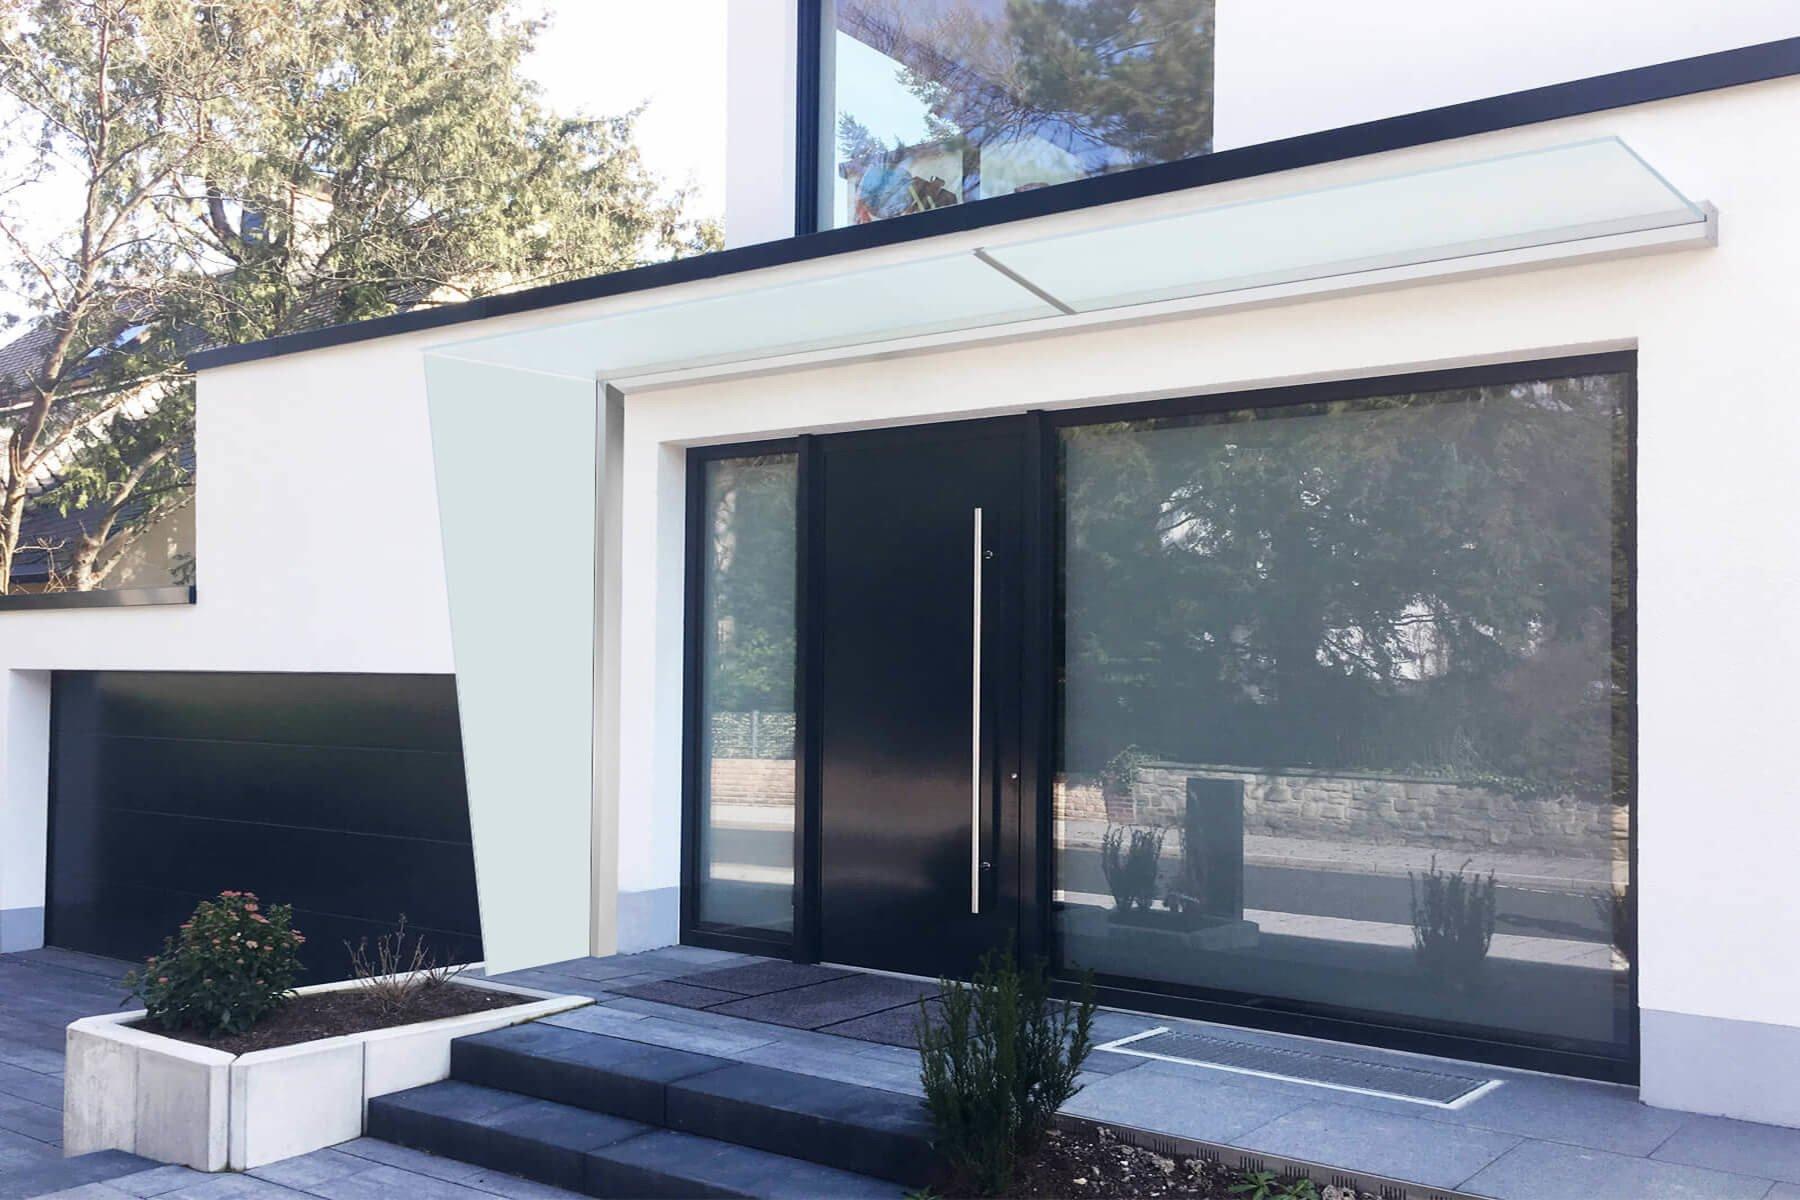 Glasseitenteil Seitenwindschutz für den Eingangsbereich aus Glas mit Schrägschnitt und Vordach